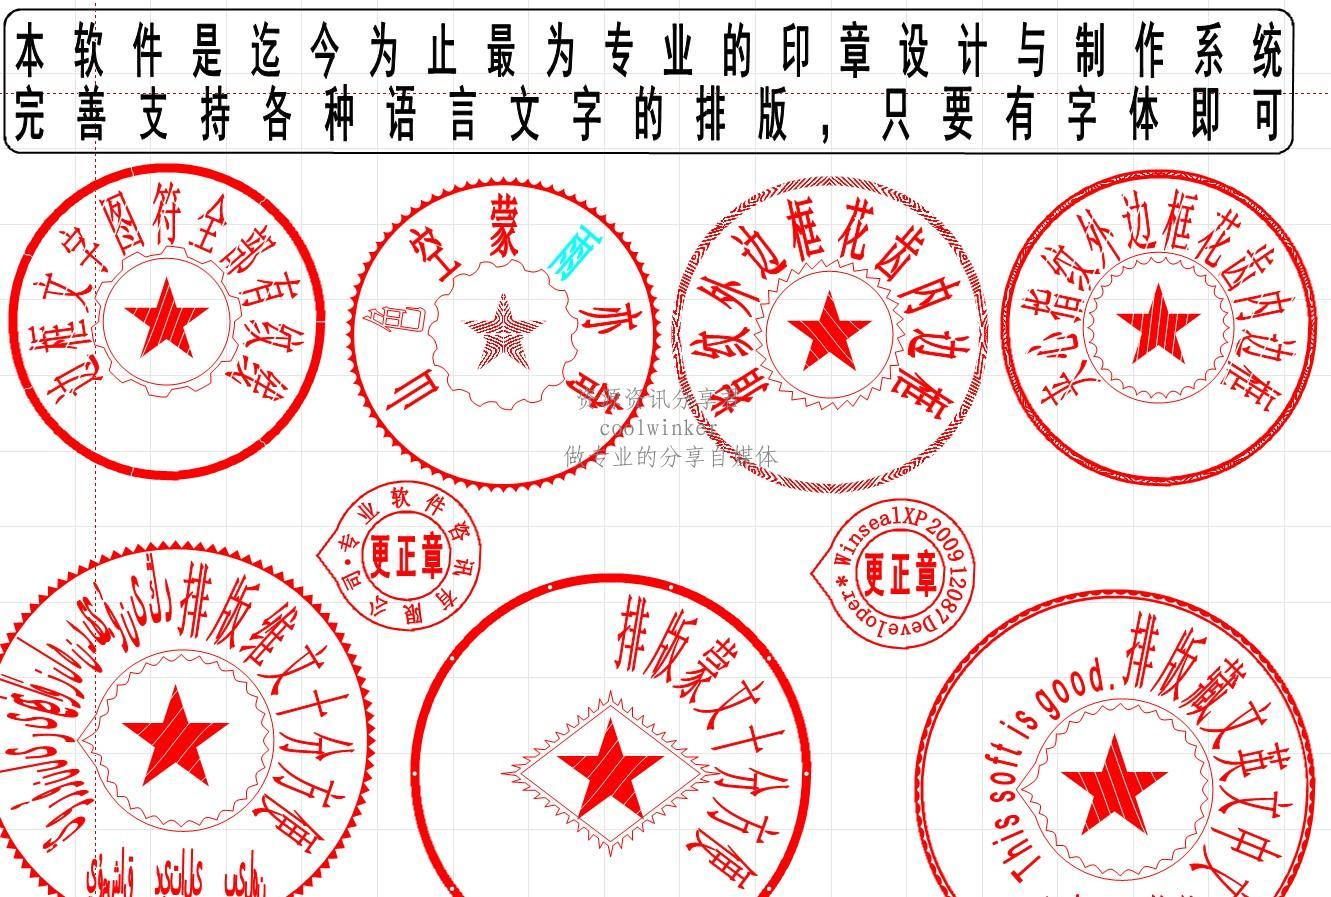 图符设计大师本地版v5.0 专业印章设计工具